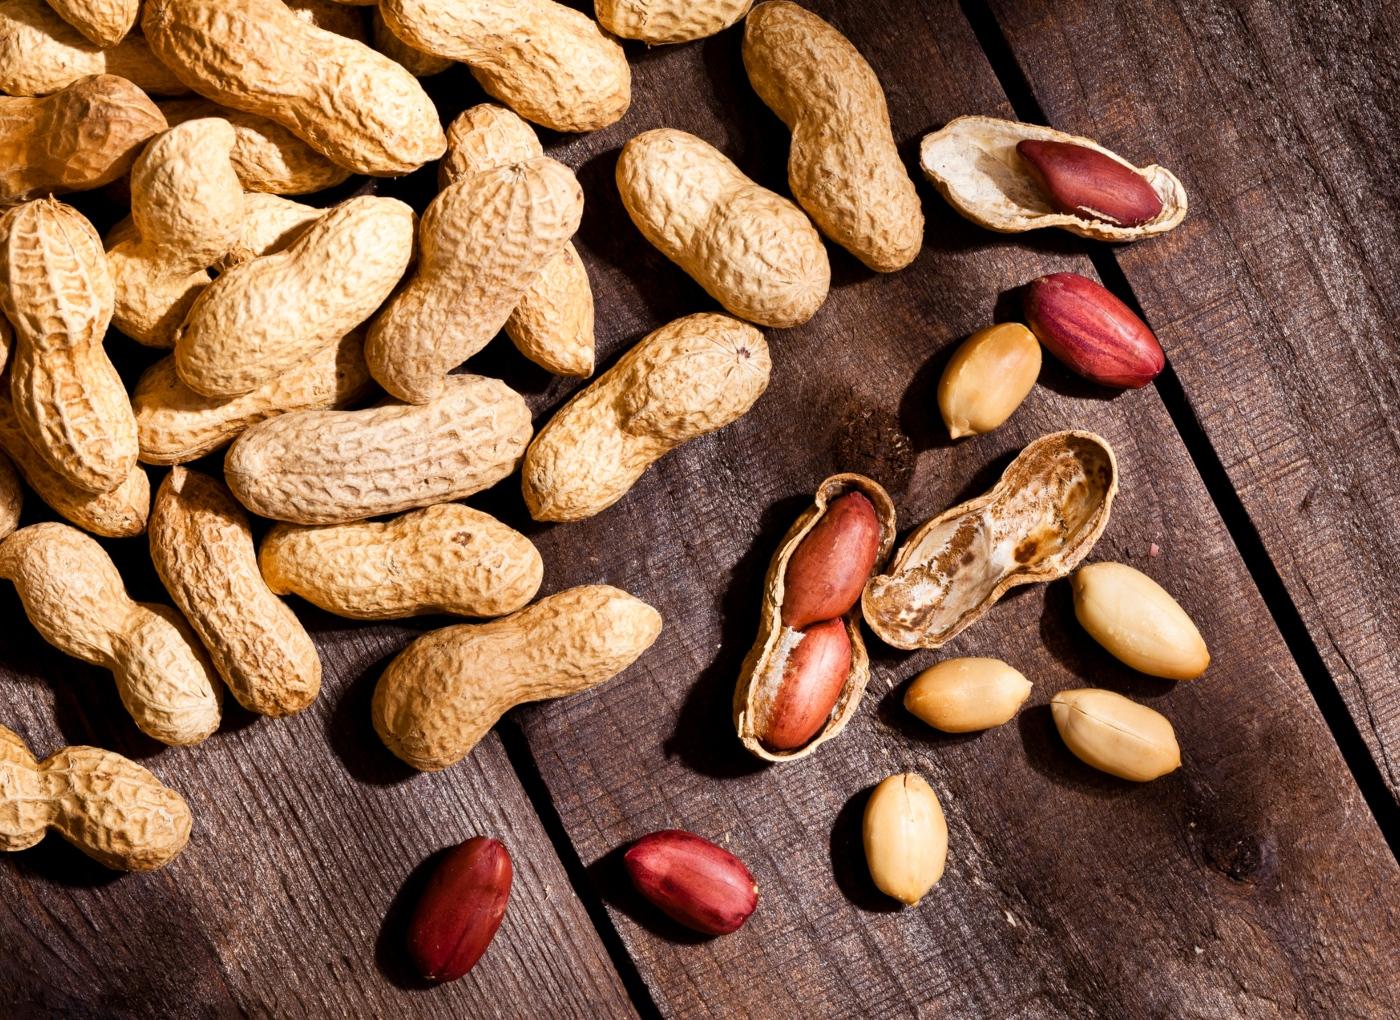 Alergia ao amendoim: riscos e cuidados a que deve estar atento